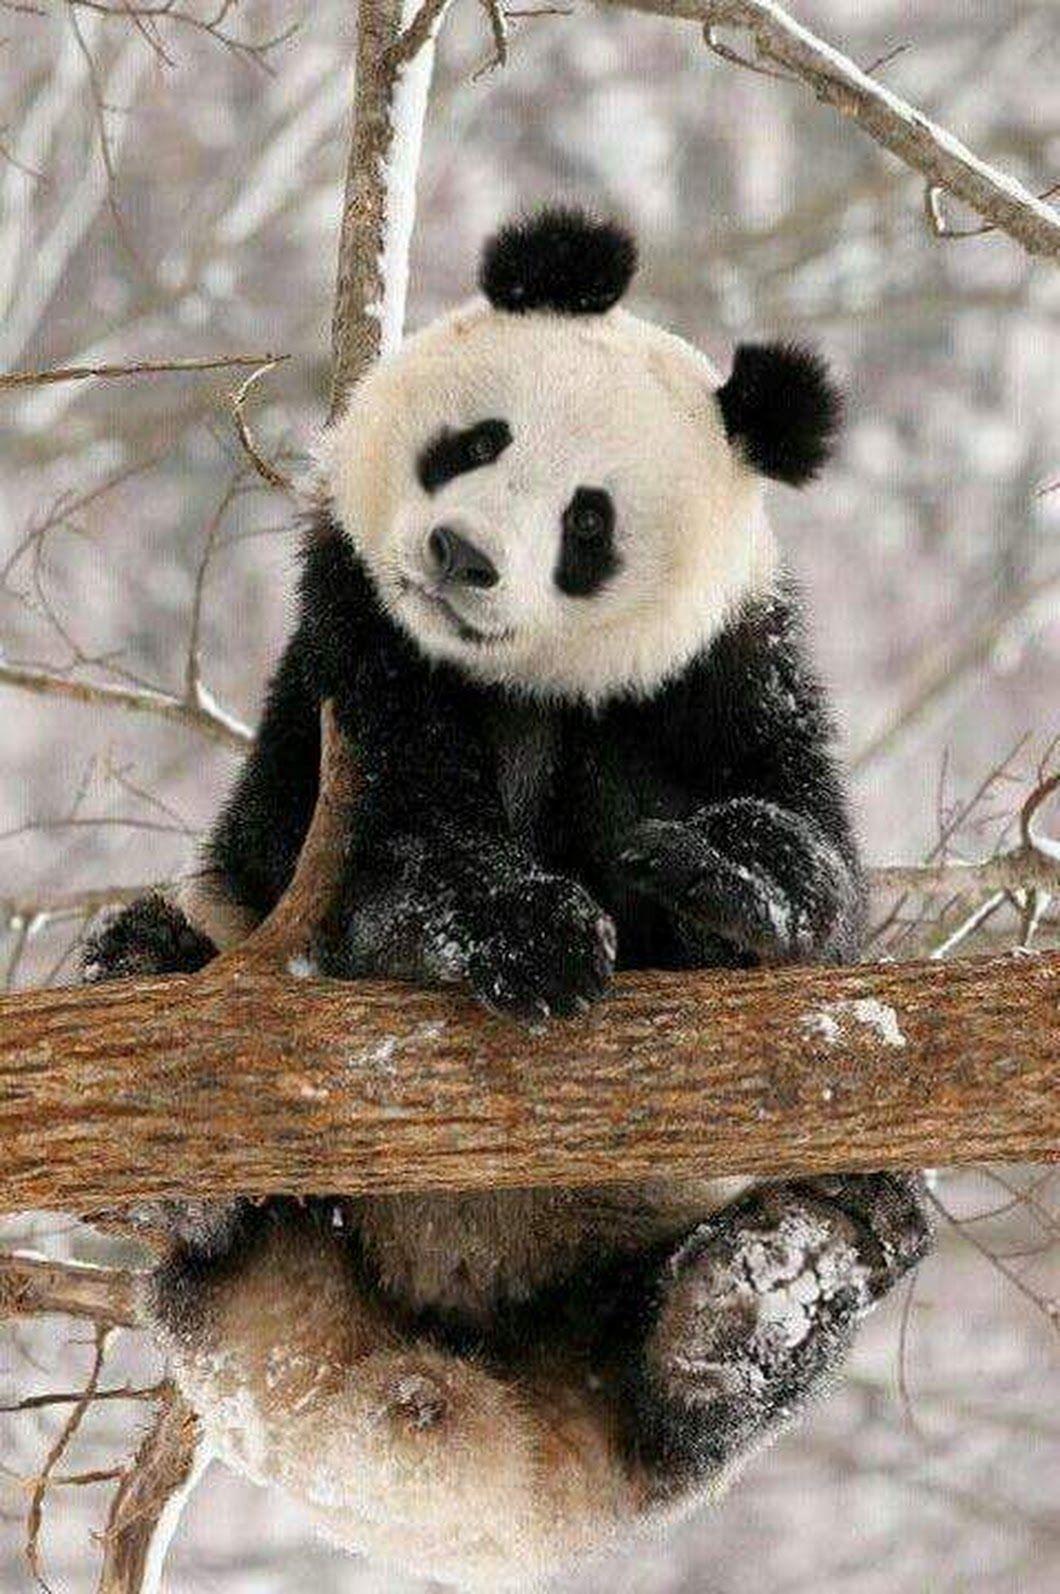 Pin Von Gigi Auf Panda Baren Rot Und Schwarz Weiss Gif S Mit Bildern Susse Tiere Wilde Tiere Pandas